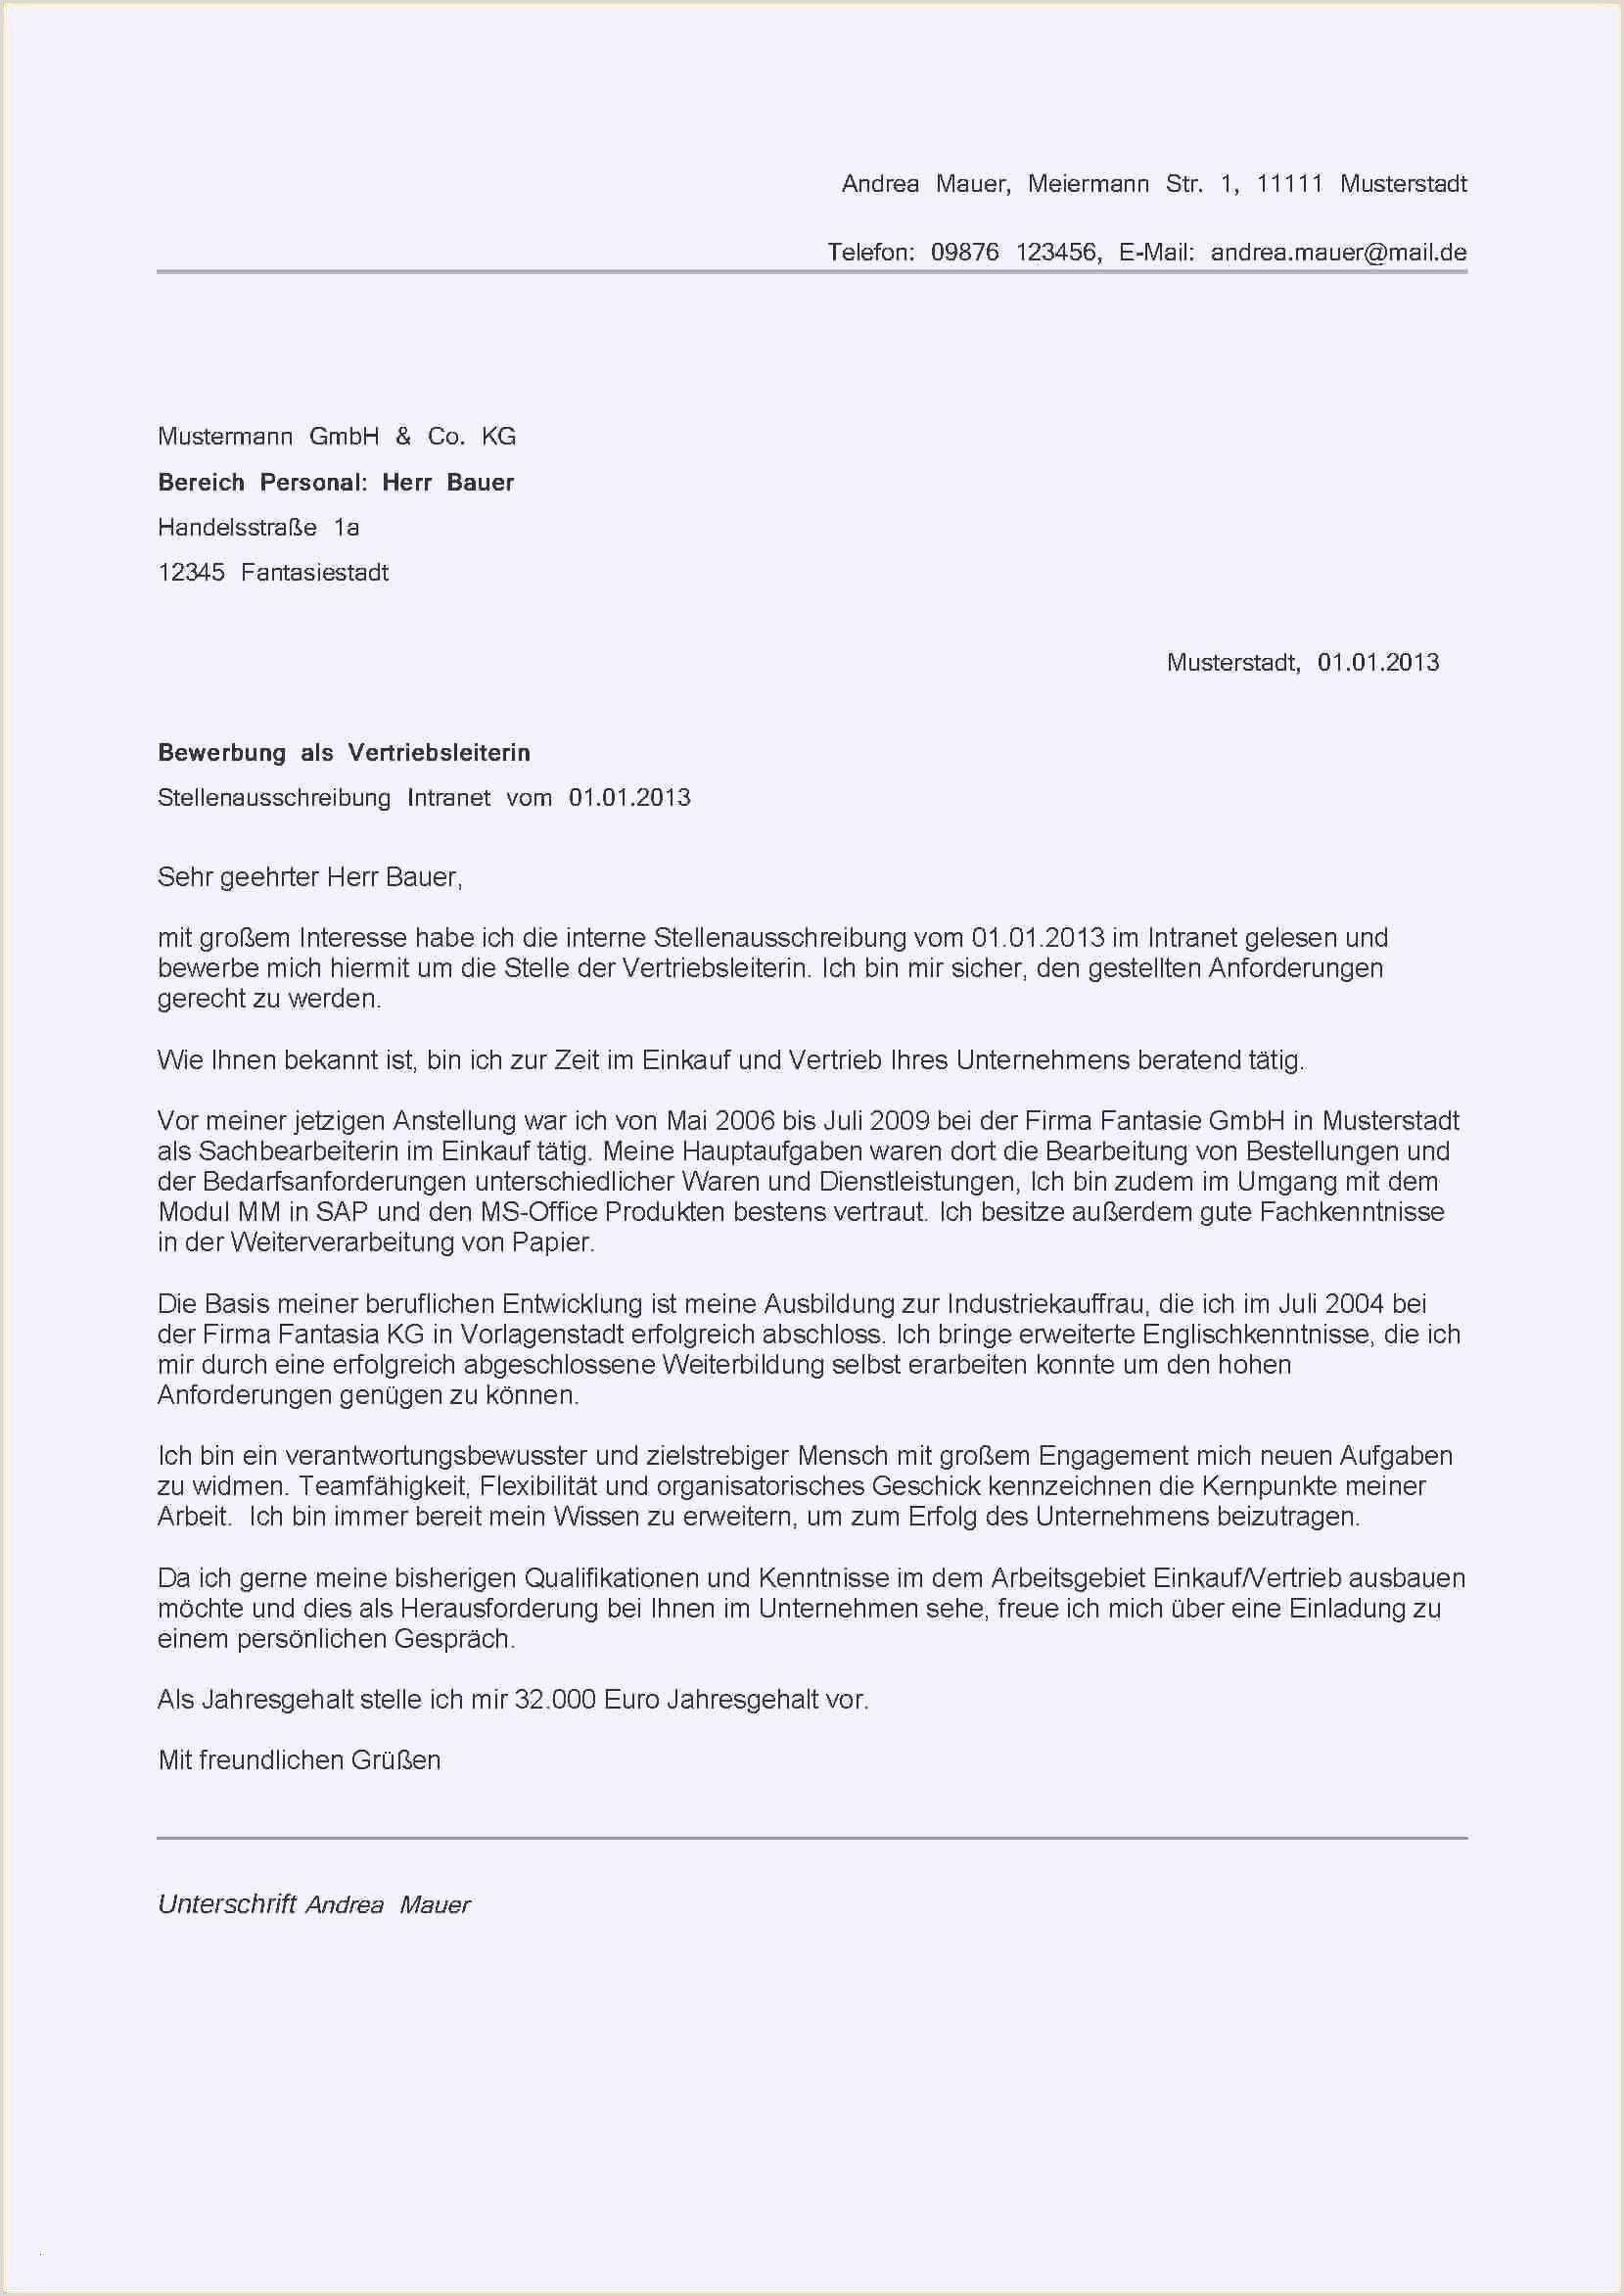 Lebenslauf Jurastudent Muster Resume Template Free Downloadable Lebenslauf Jurastudent Muster T In 2020 Lebenslauf Lebenslaufvorlage Kostenlos Bewerbung Schreiben